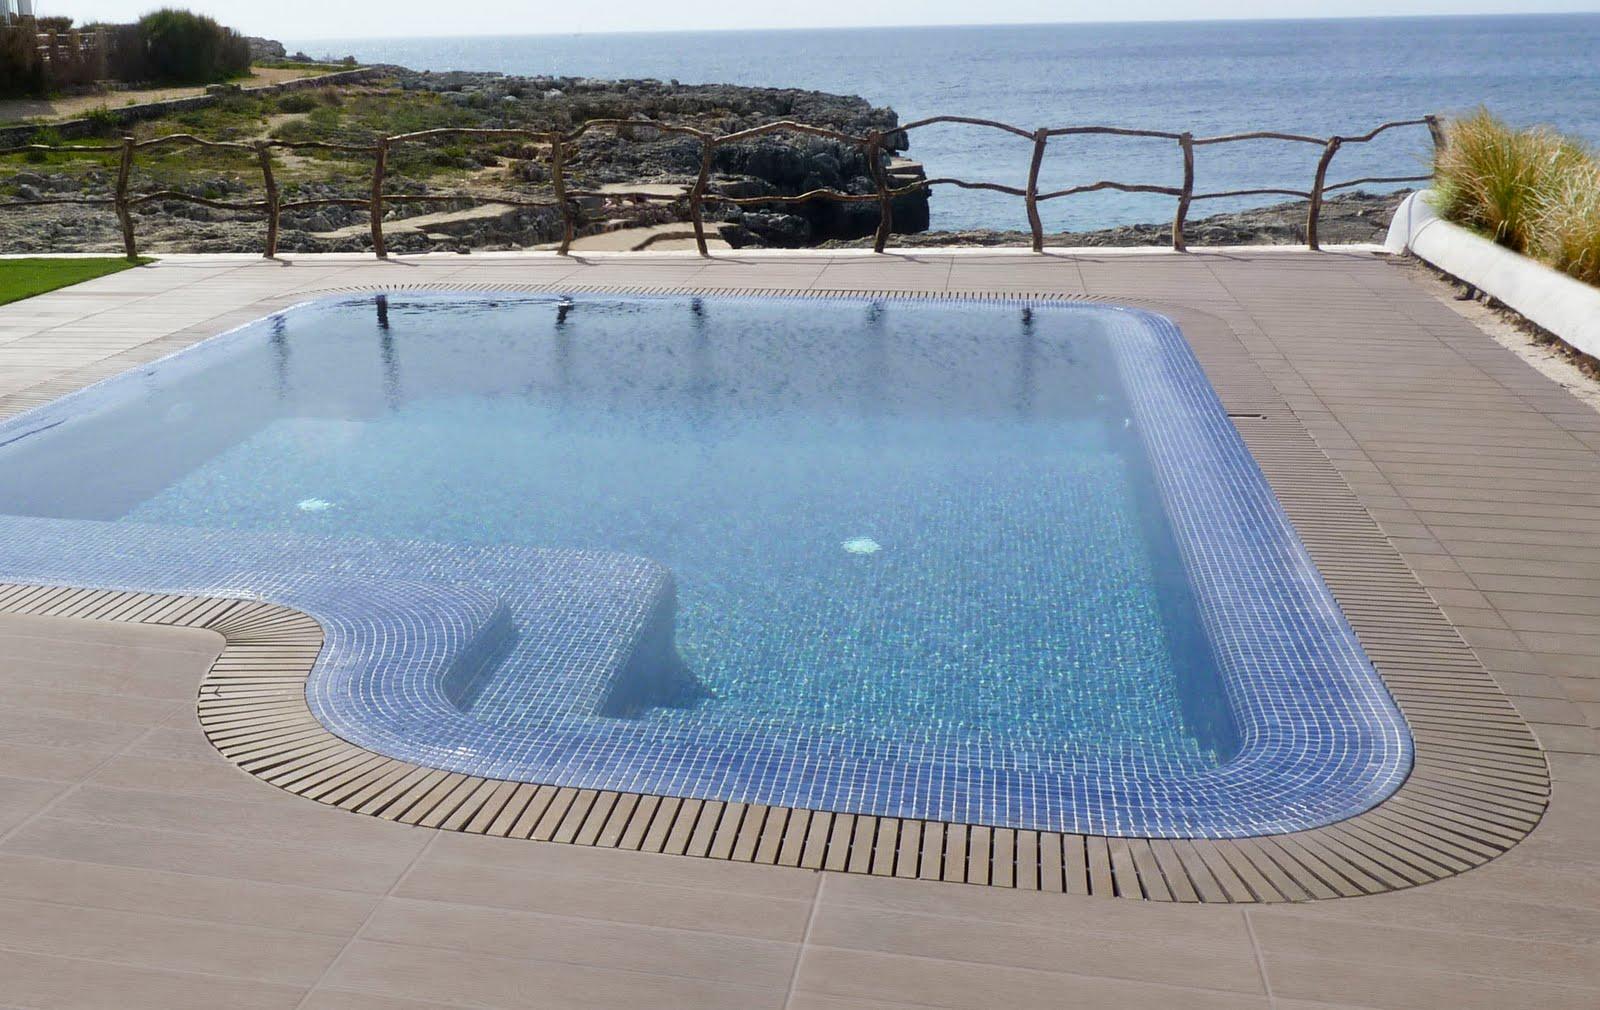 Gres para piscinas cool la oferta de sistemas especiales for Gres para piscinas